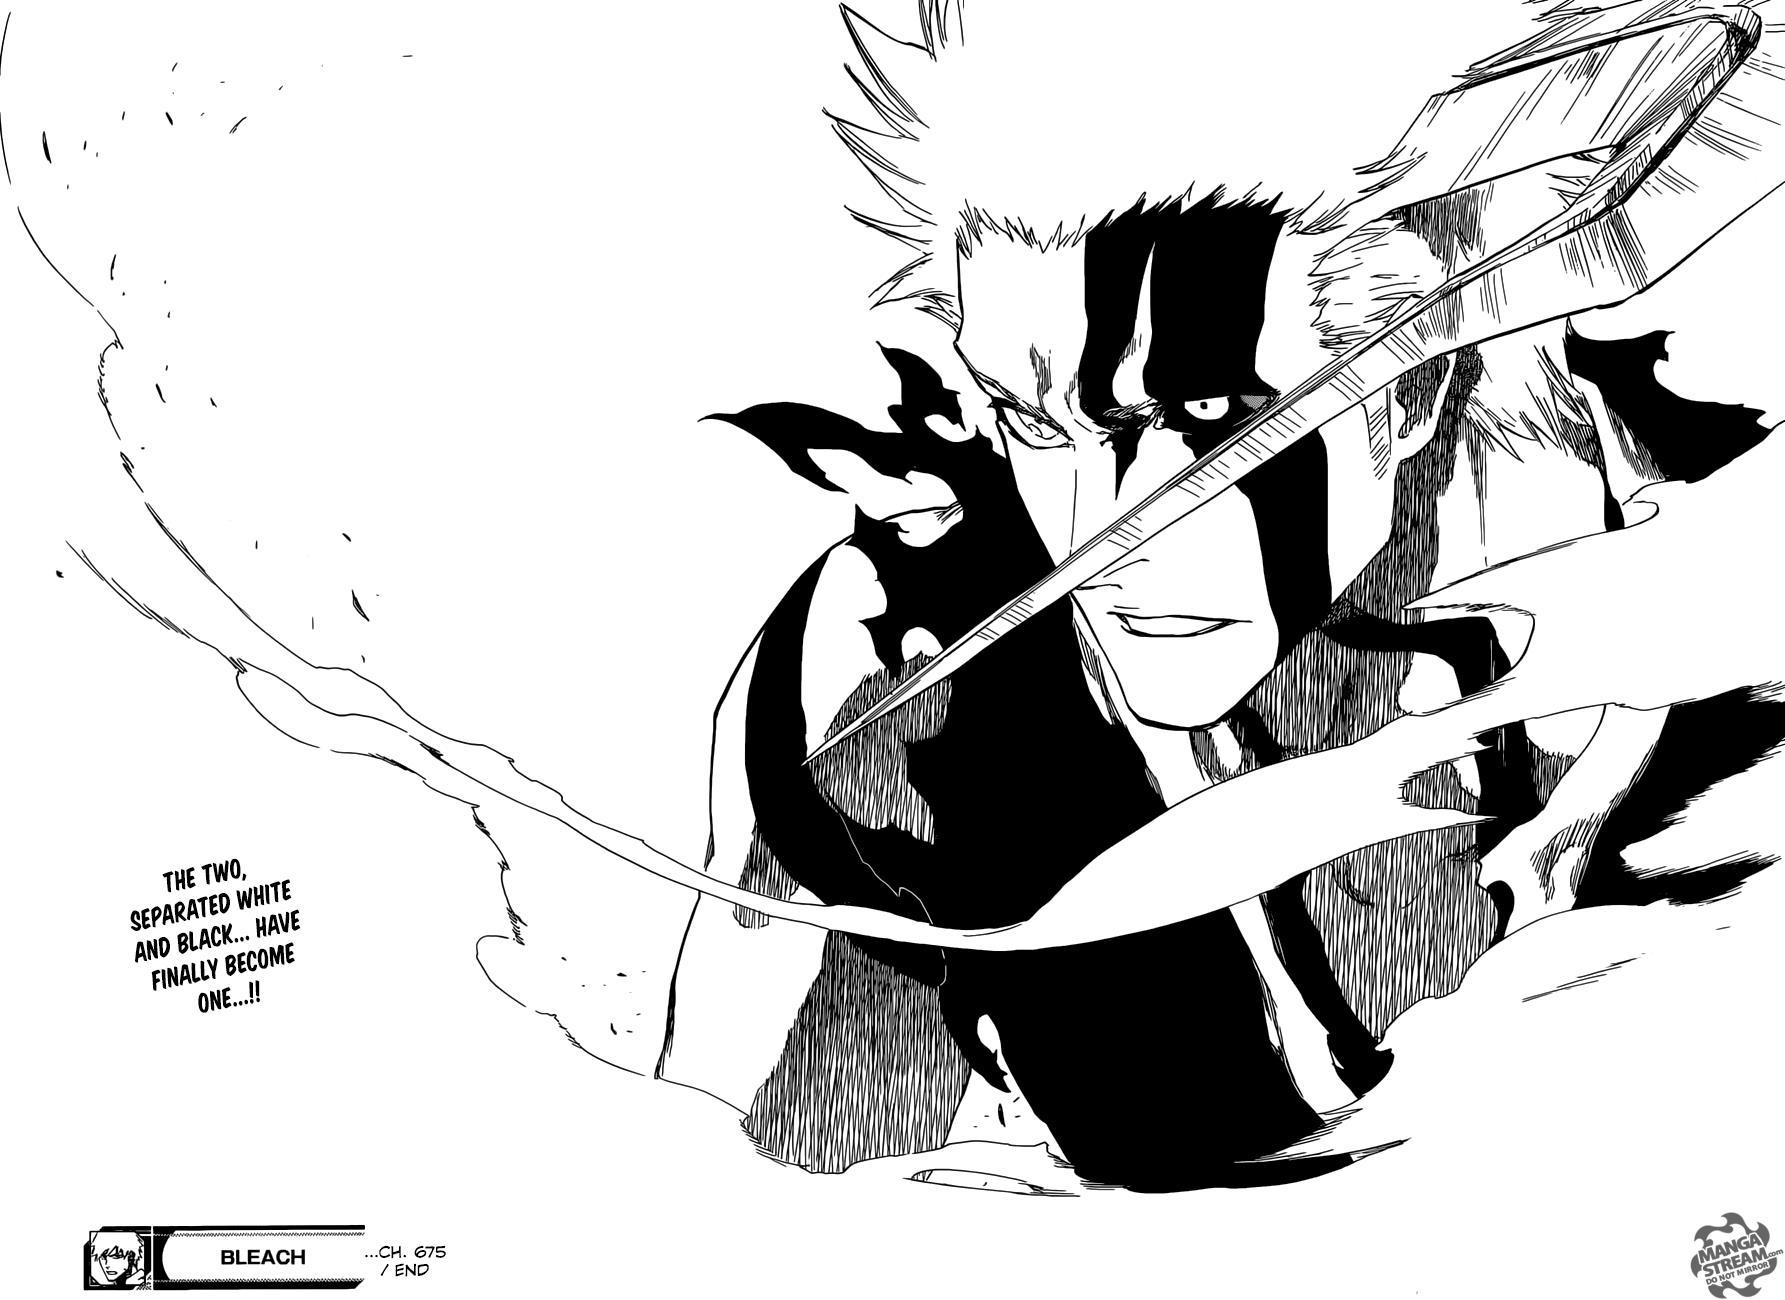 Weakest Ichigo form to beat Saber | Spacebattles Forums